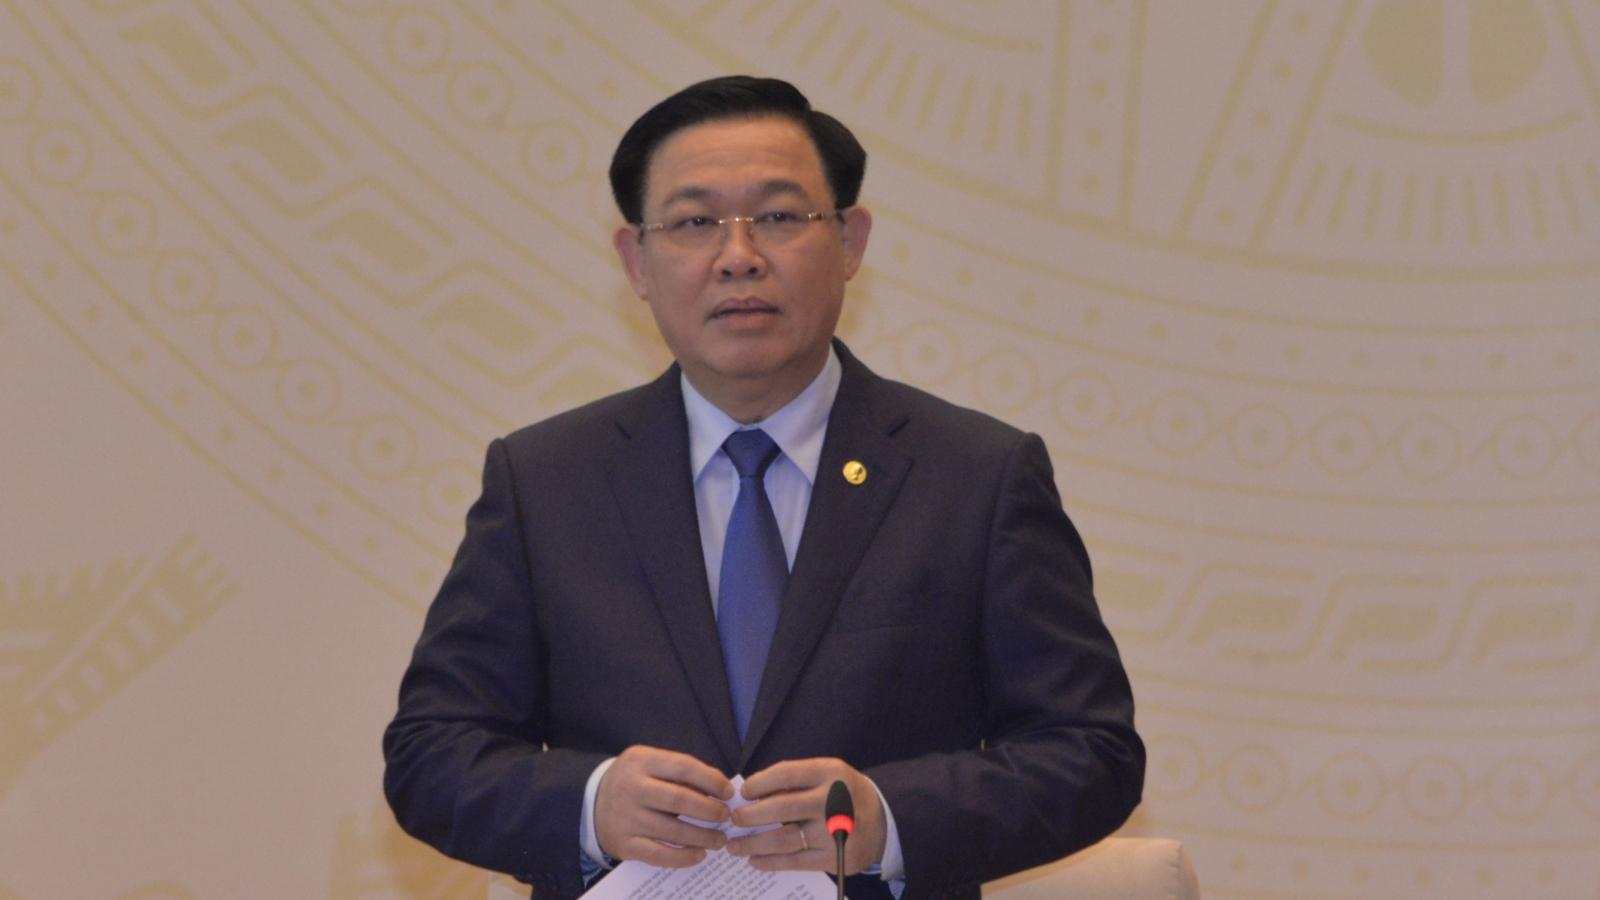 Chủ tịch Quốc hội chủ trì Hội nghị của UBTVQH với các đại biểu chuyên trách ở Trung ương